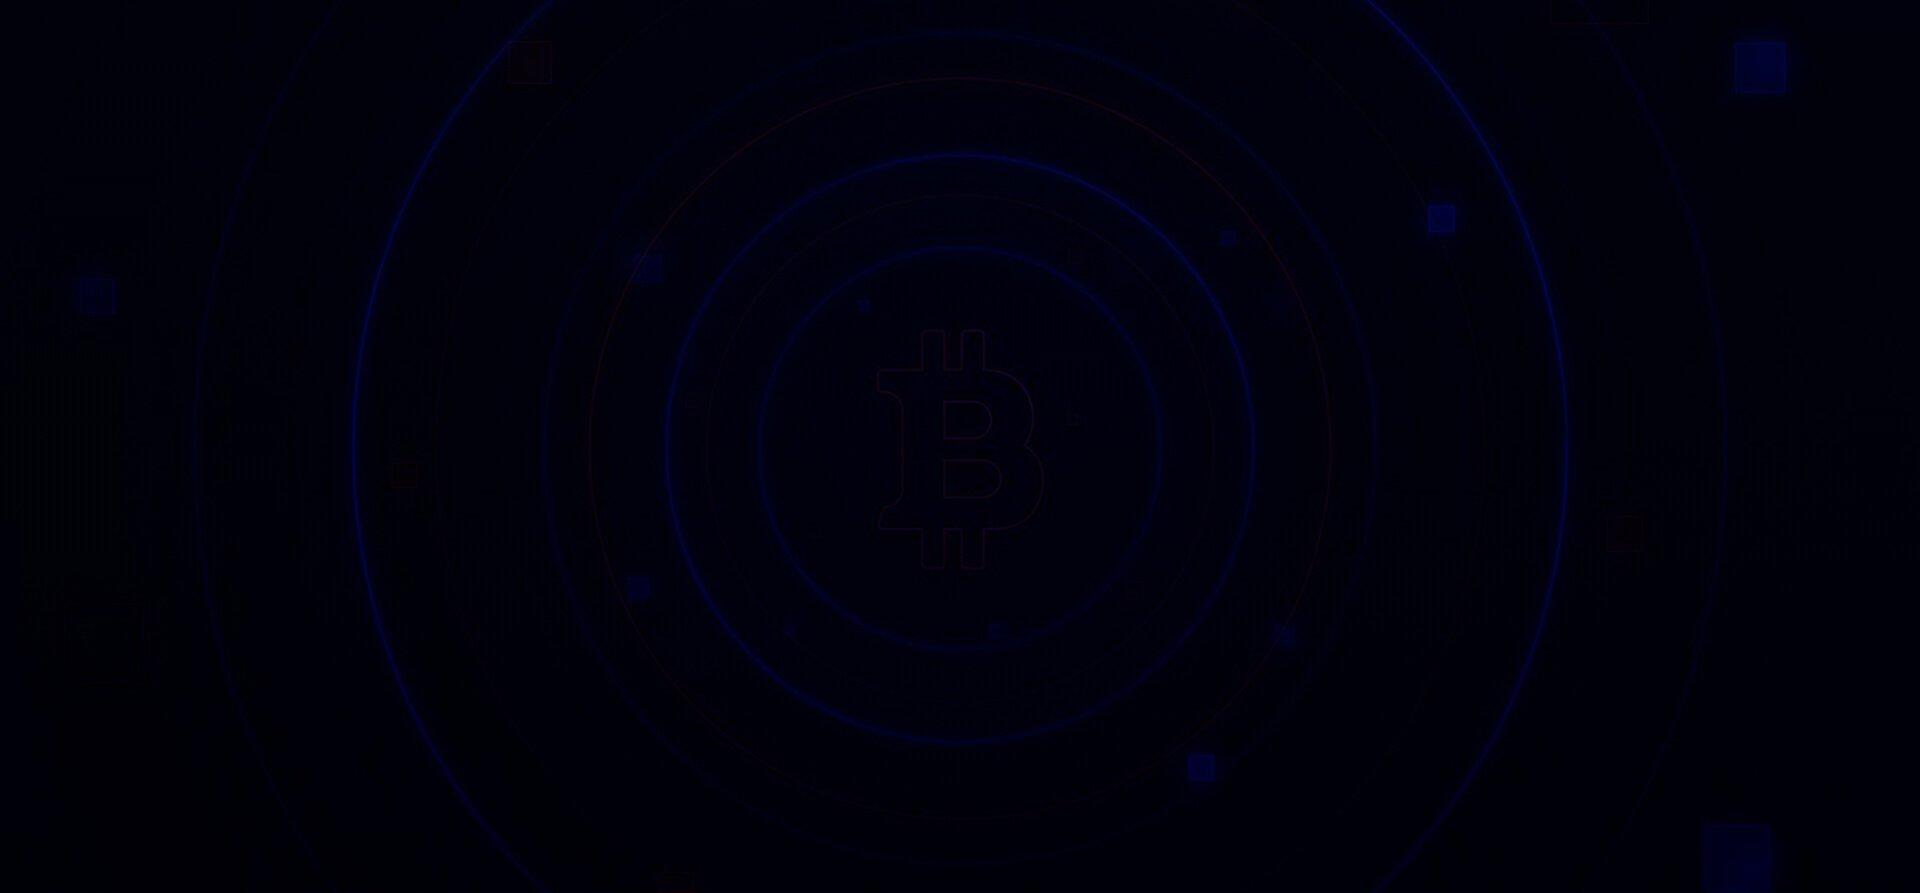 Bitcoin Wallet Application Development